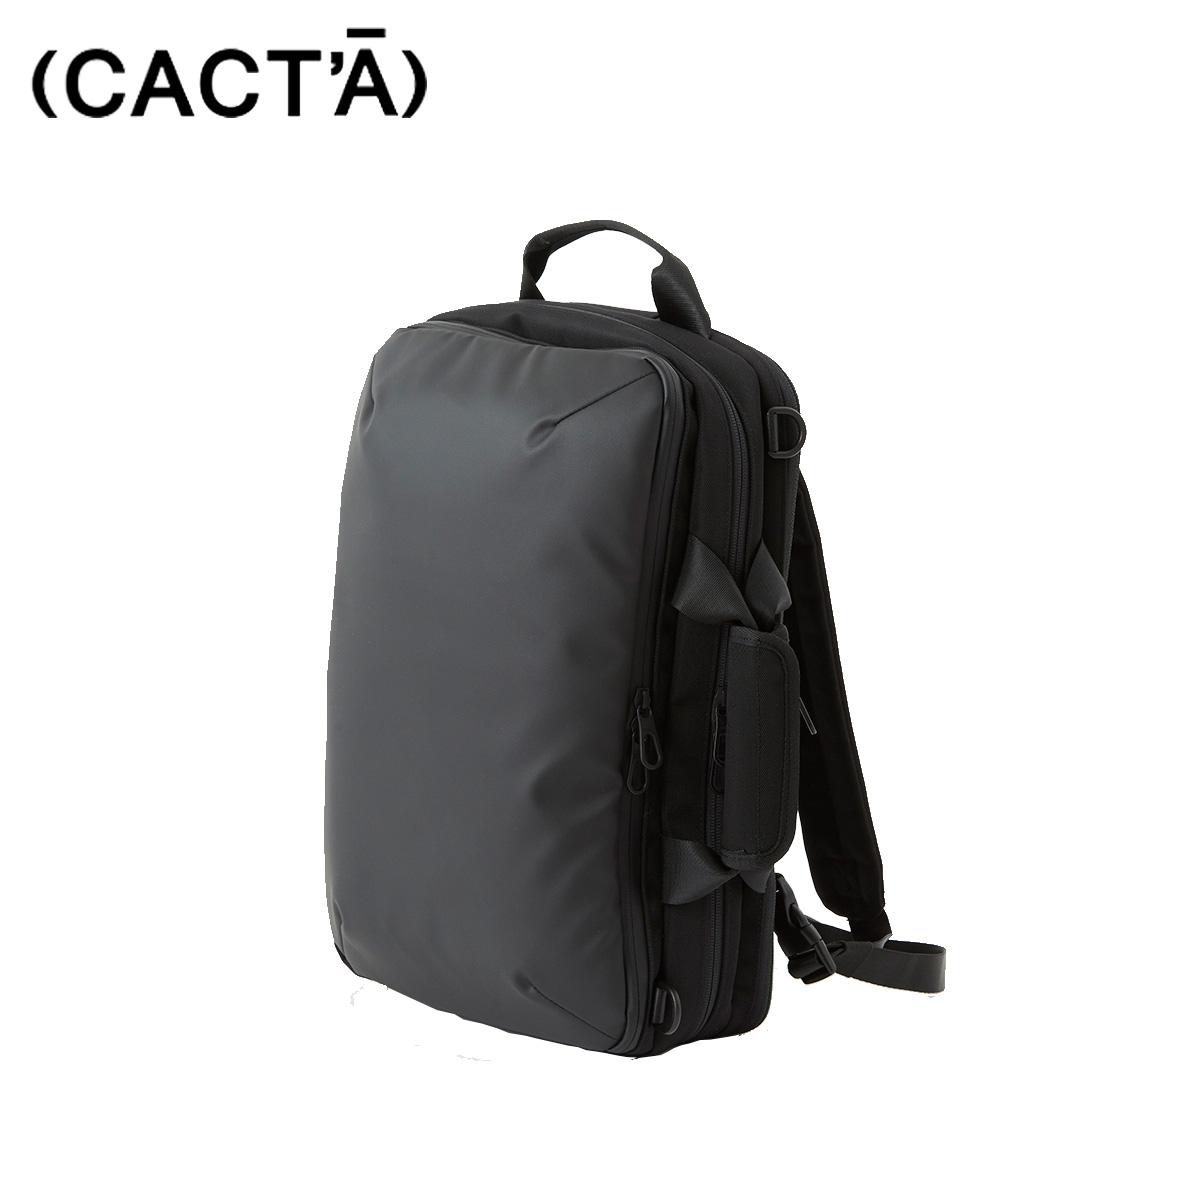 CACTA カクタ リュック バッグ バックパック メンズ COLON 3WAY BUSINESS BAG ブラック 黒 1006